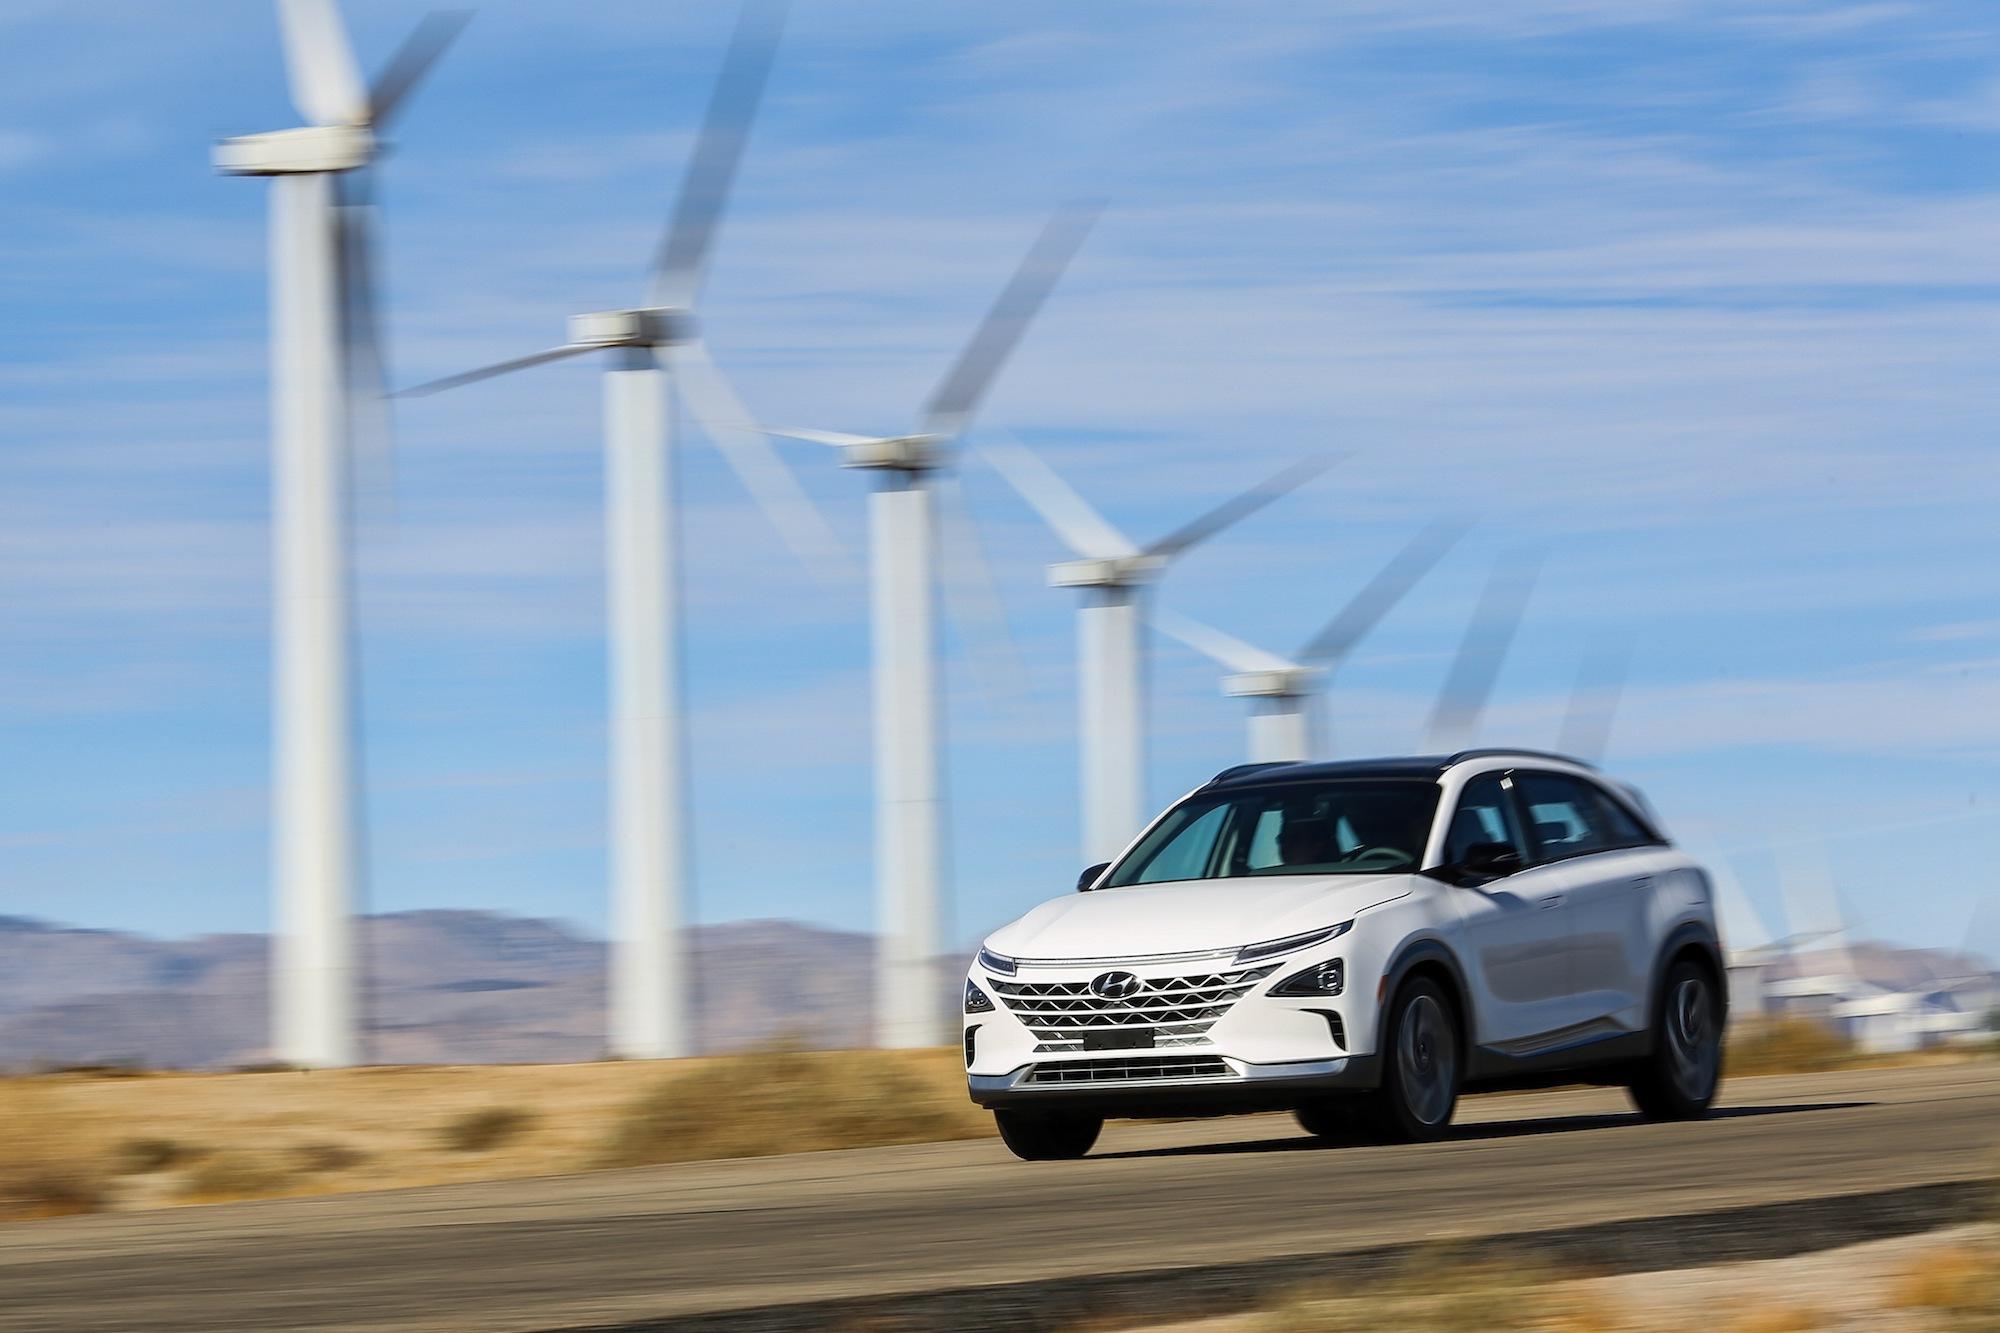 Hyundai unveils hydrogen-powered NEXO at CES 2018